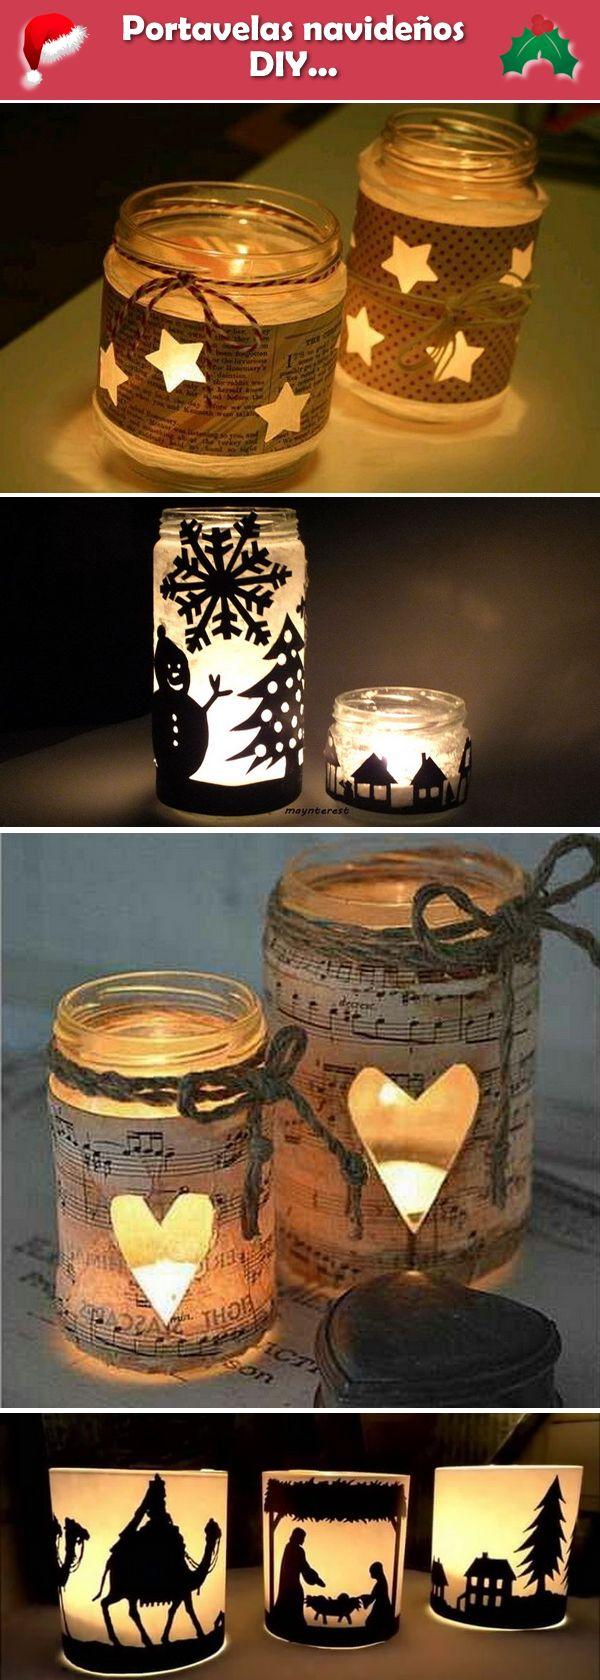 Portavelas navideños DIY. Portavelas caseros para Navidad. Ideas para decorar con velas en Navidad.